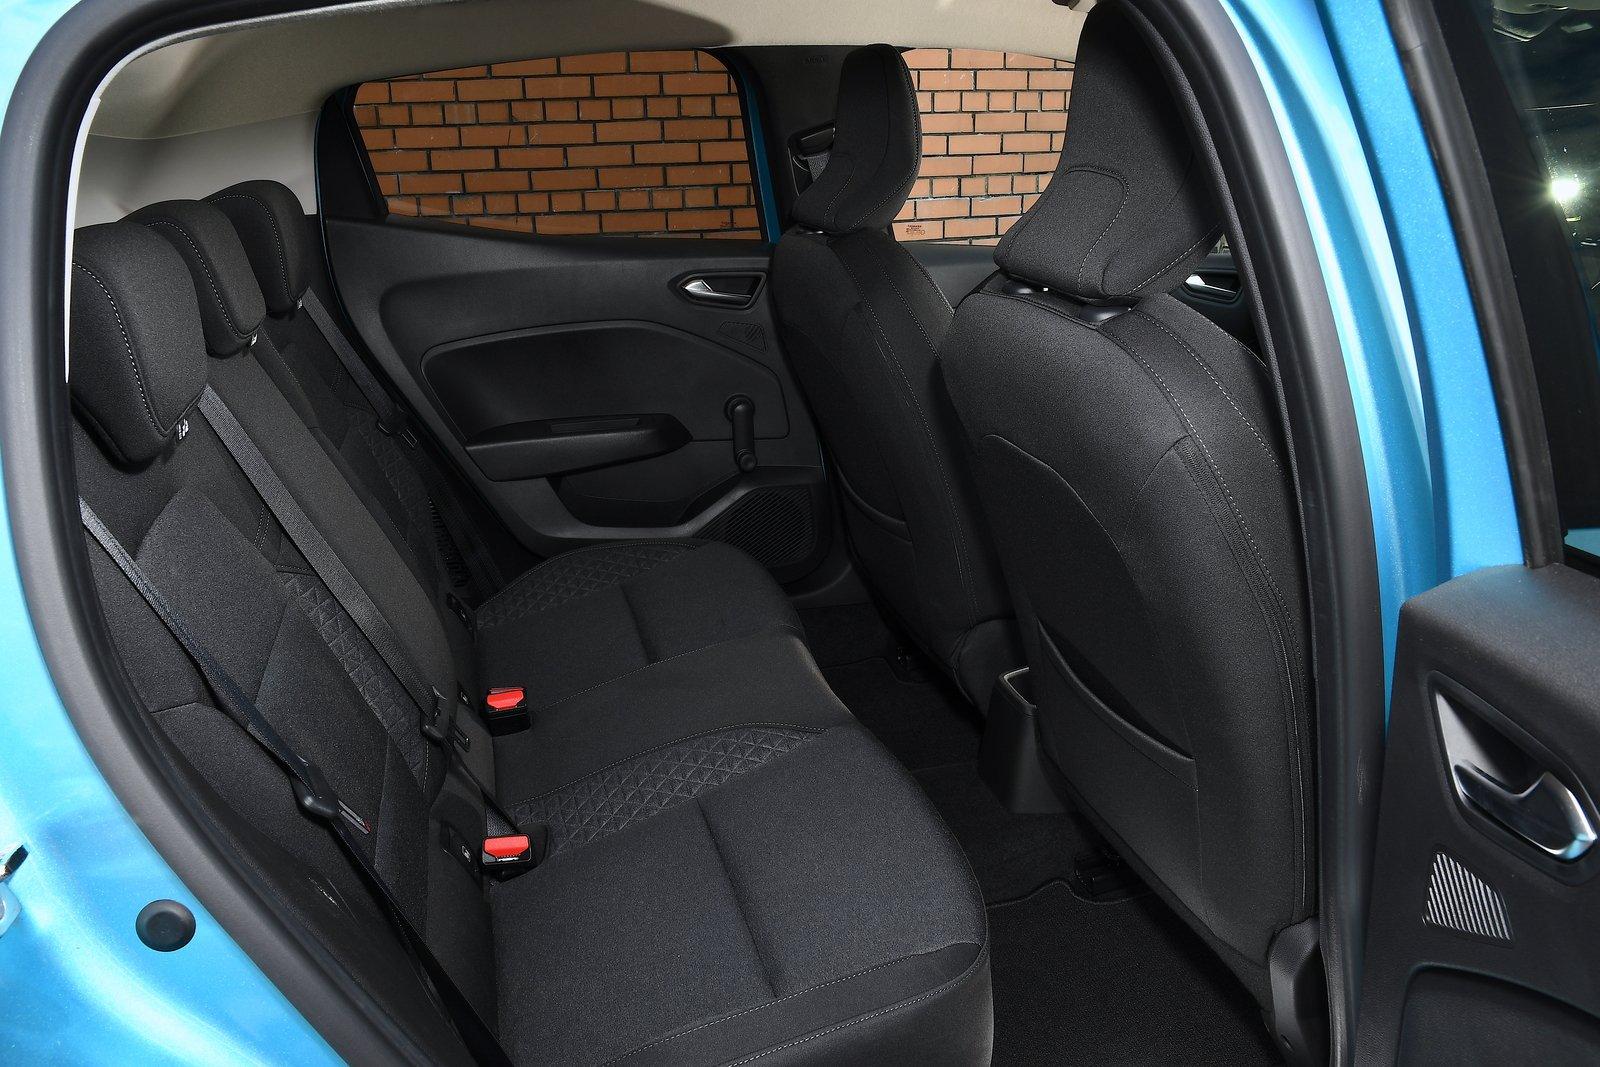 Renault Clio 2021 interior rear seats